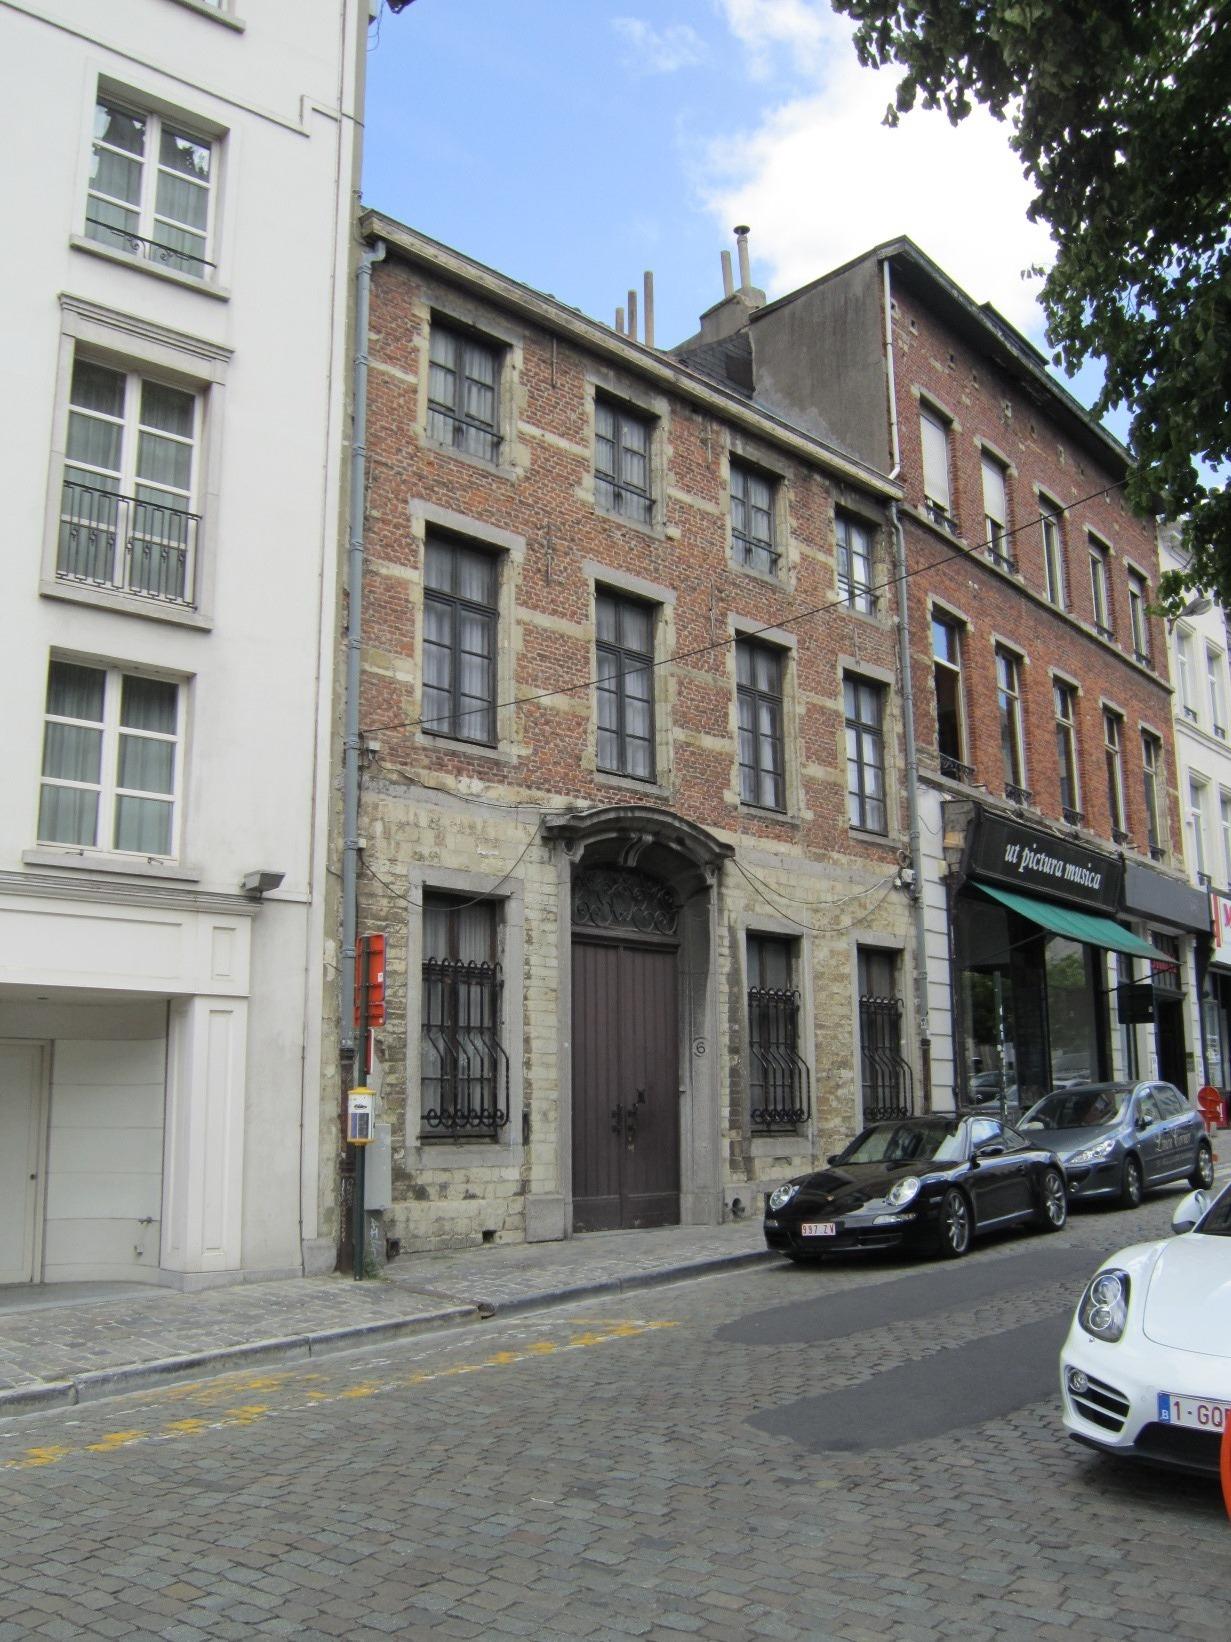 Rue Bodenbroek 6. Presbytère de la paroisse Notre-Dame du Sablon., 2015